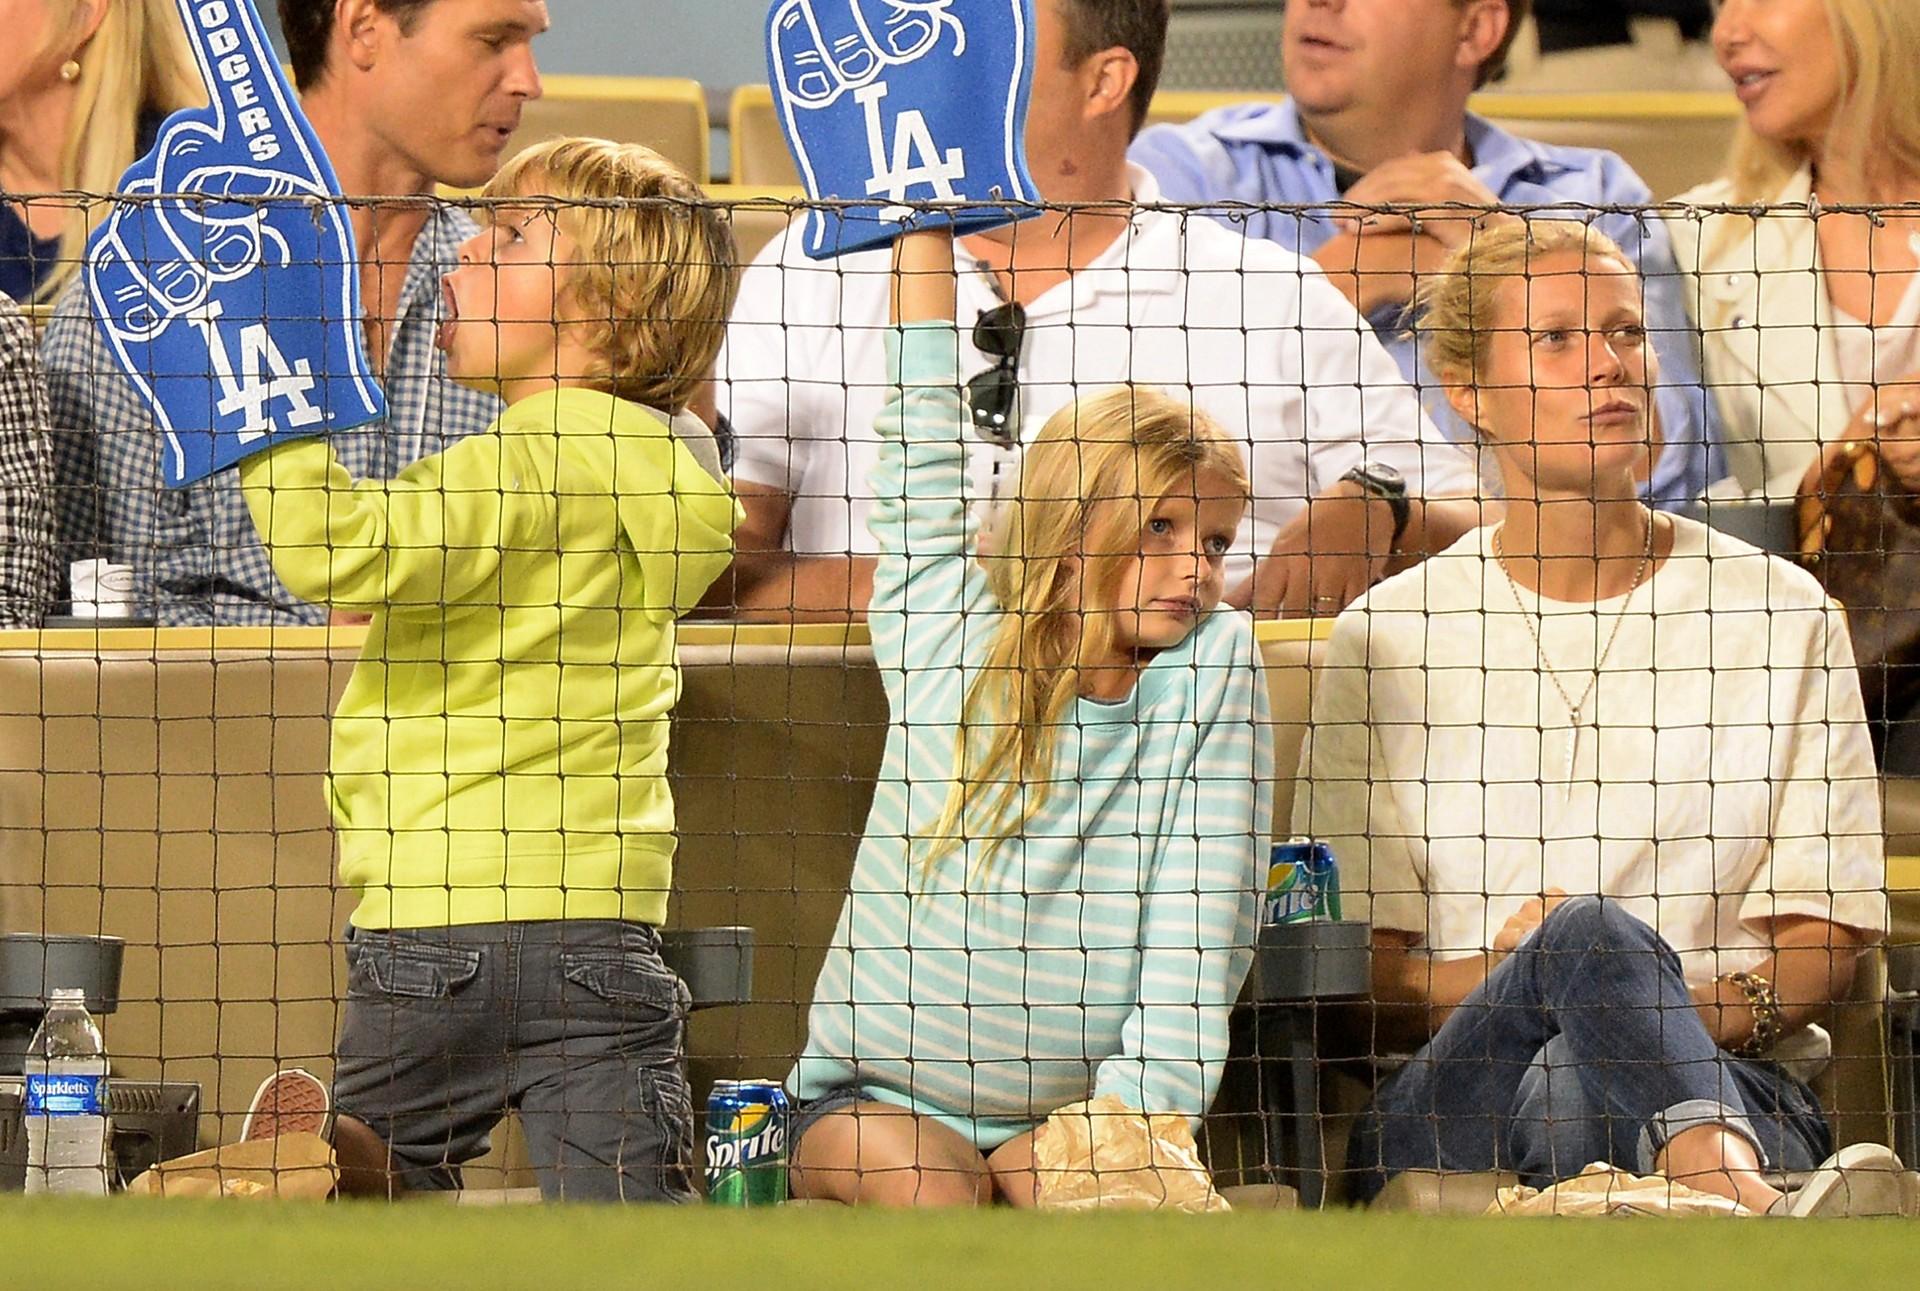 Com pais estilosos como Chris Martin e Gwyneth Paltrow, estas duas crianças, de 10 e 8 anos, respectivamente, estão definindo tendências antecipadamente. Os pais gostam de vesti-los com roupas que acabaram de sair das passarelas e, isso inclui, cardigans e casacos finos. (Foto: Getty Images)